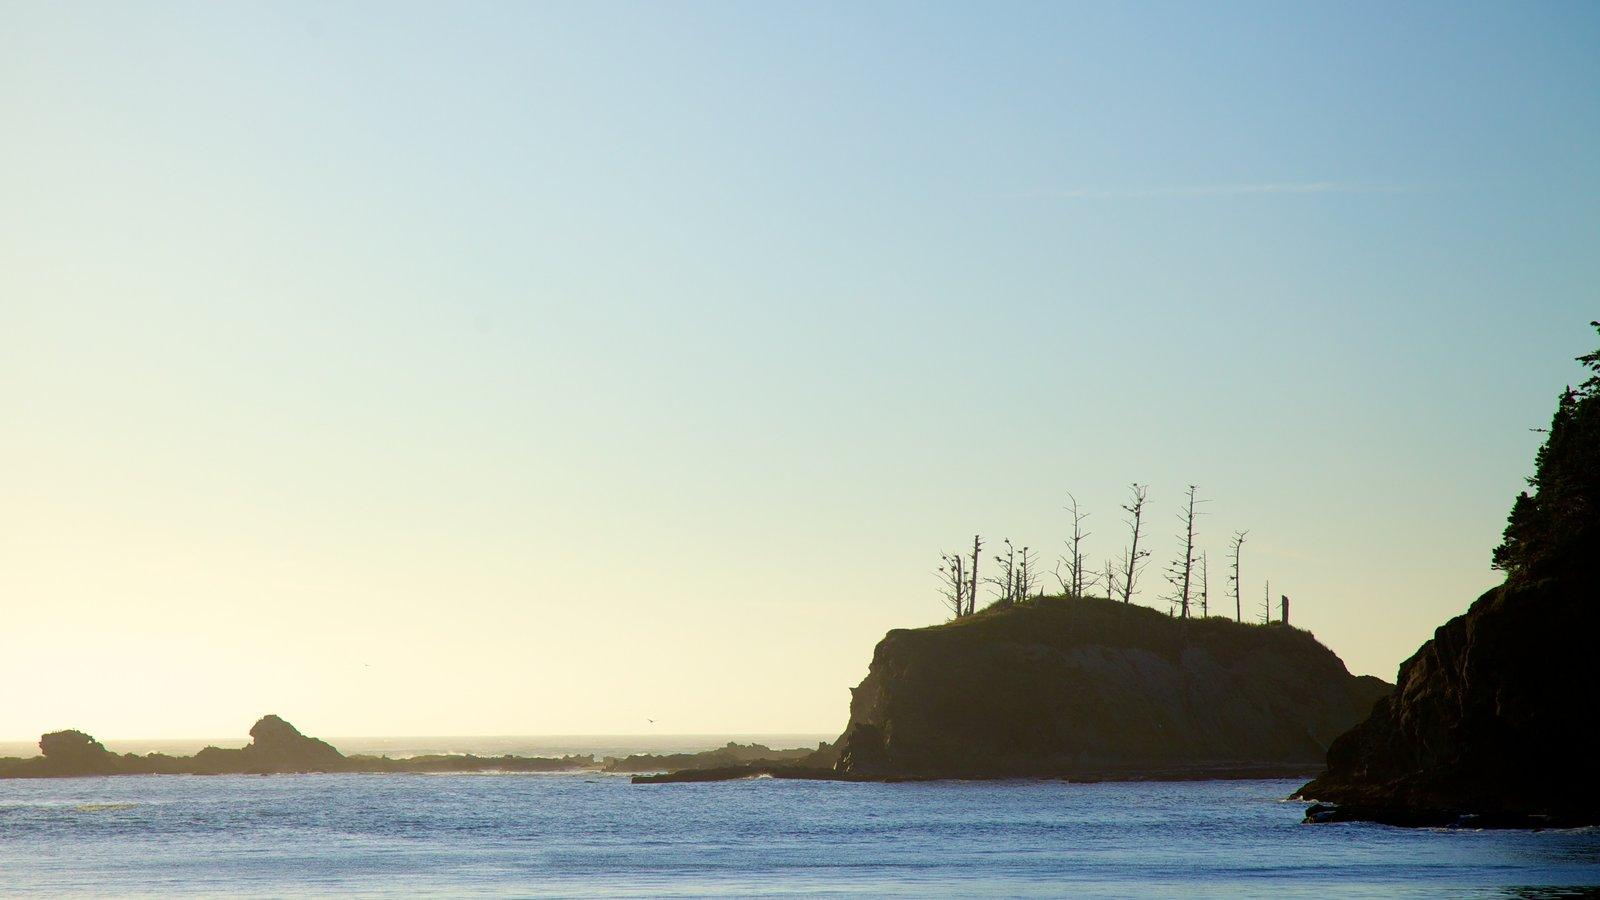 Parque estatal Cape Arago mostrando vistas generales de la costa, costa rocosa y una puesta de sol